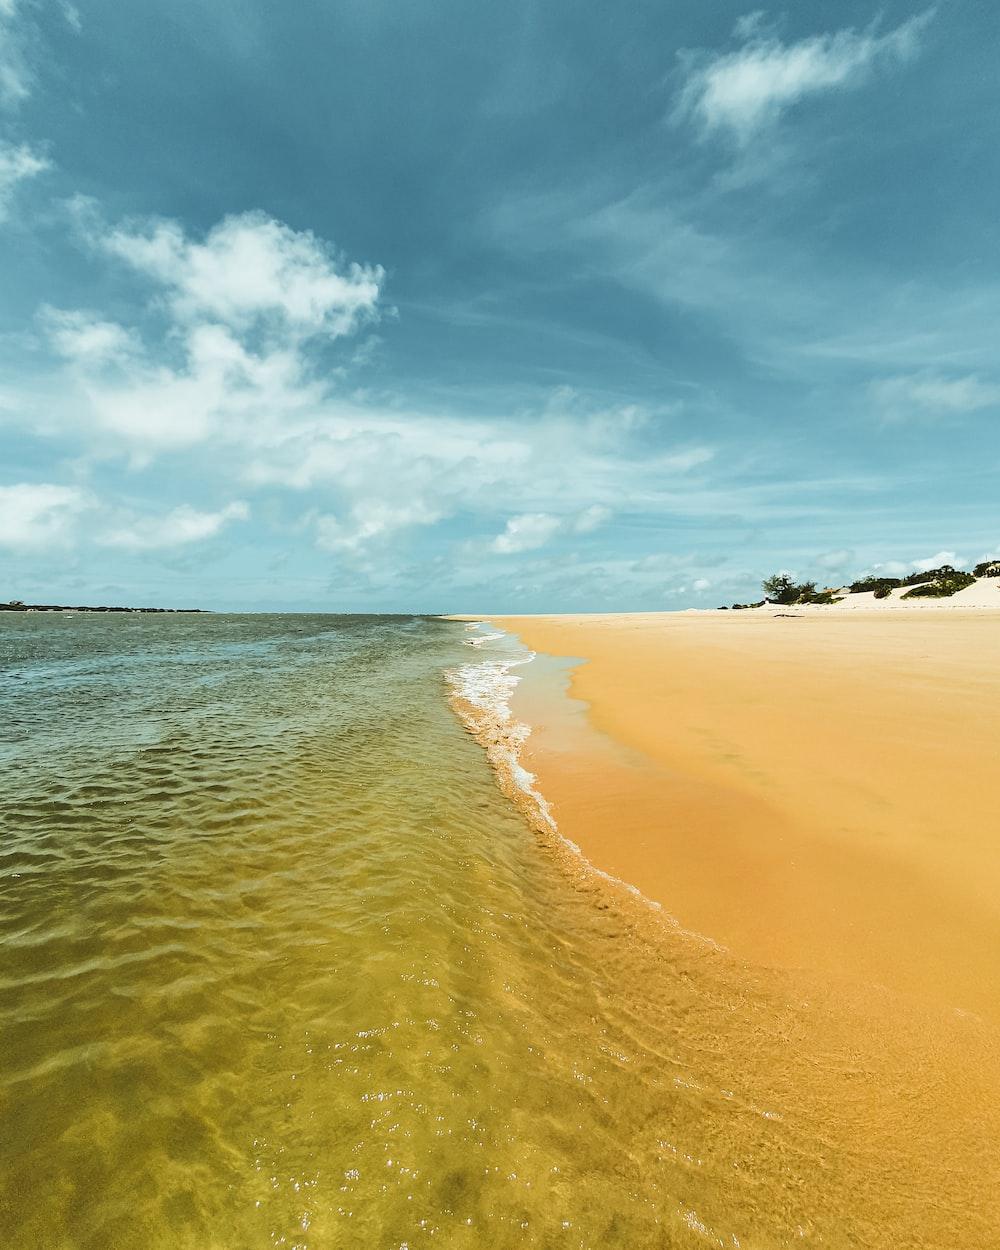 brown sand beach under blue sky during daytime